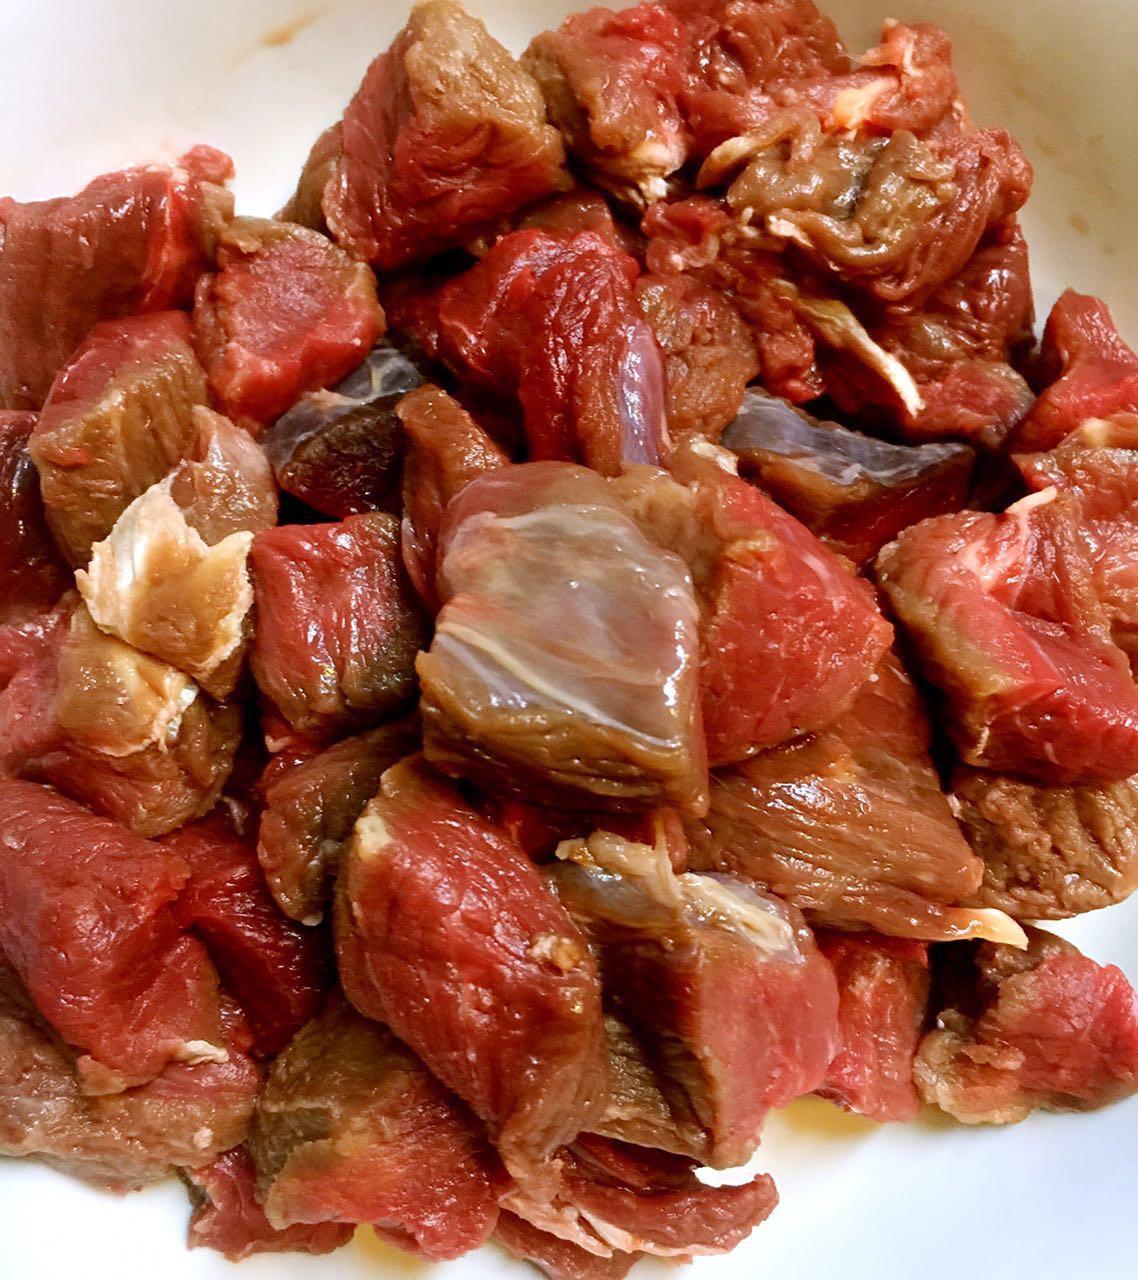 土豆牛肉的做法_【图解】土豆牛肉怎么做如何做好吃